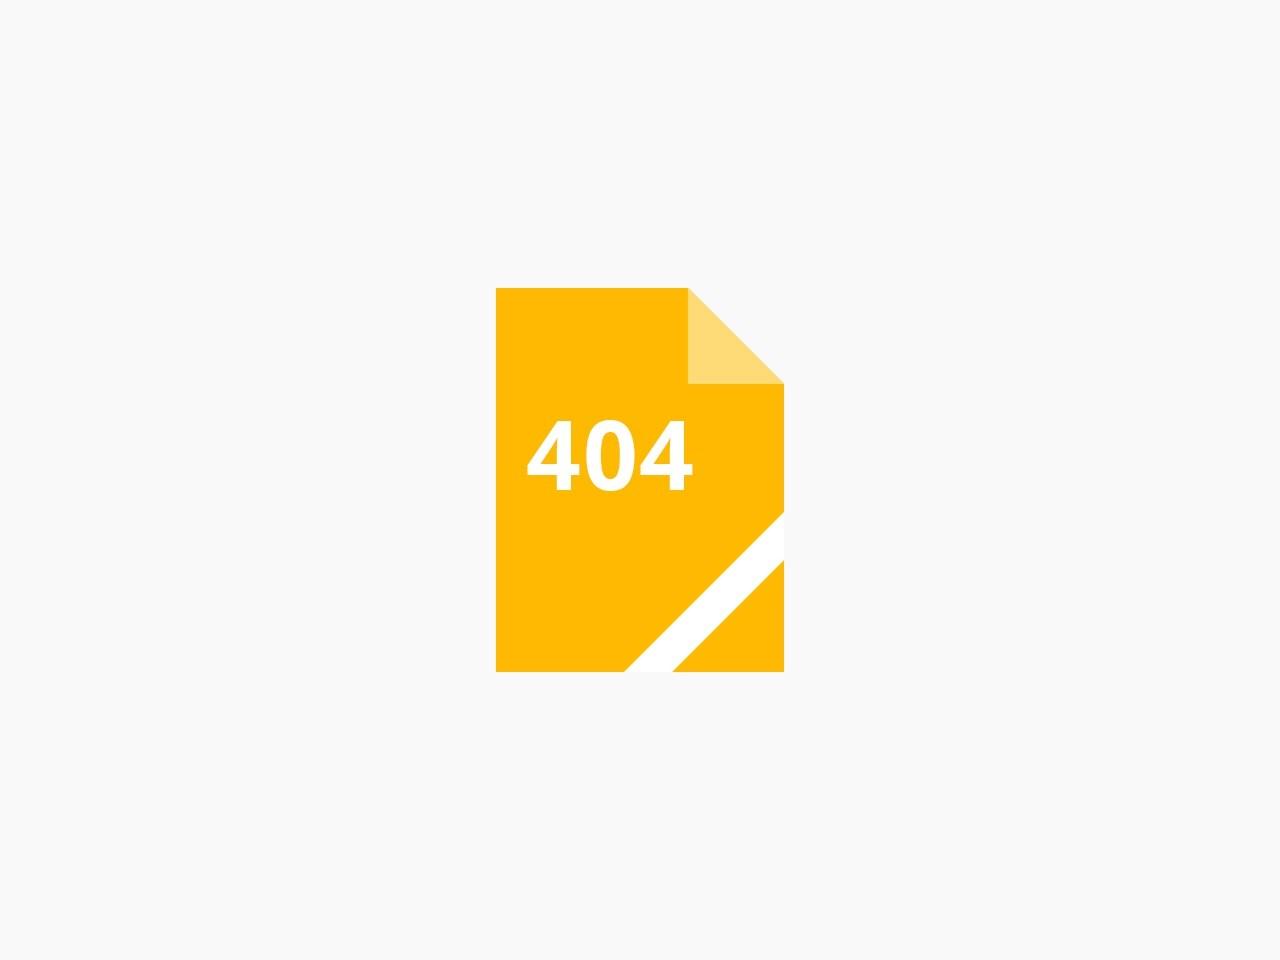 中国废旧物资网